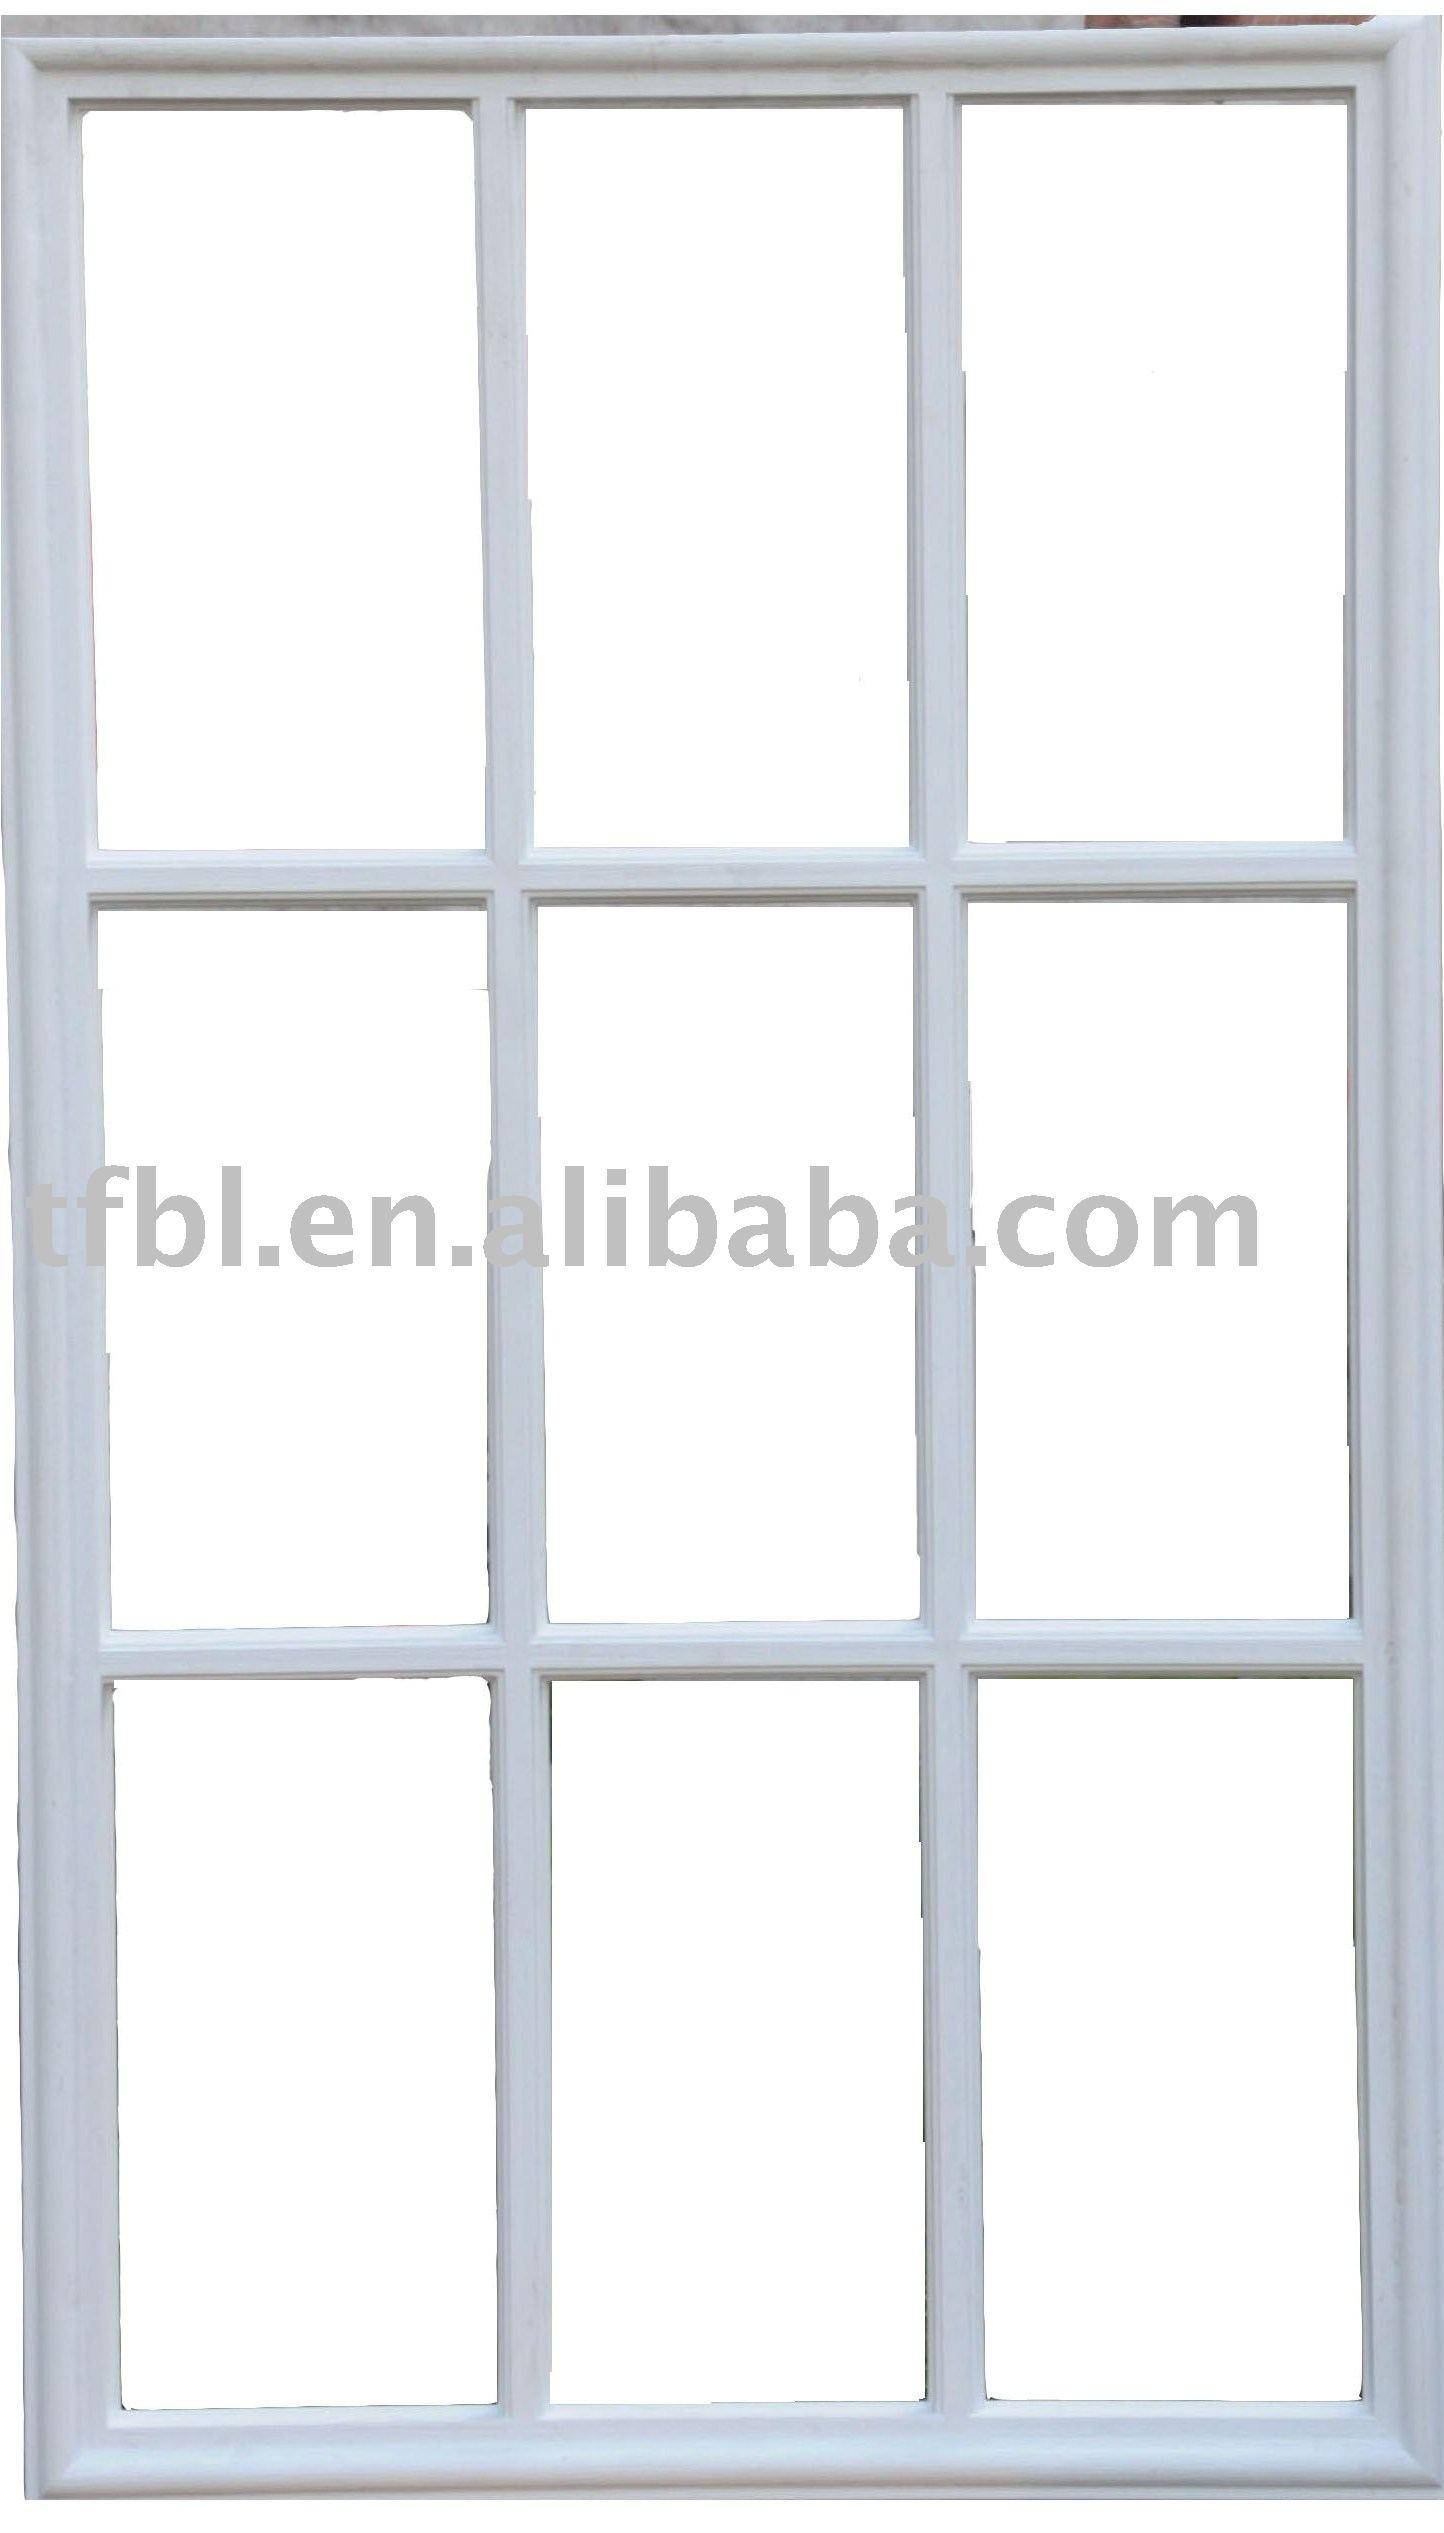 plastic frame for door glass buy plastic frame for door